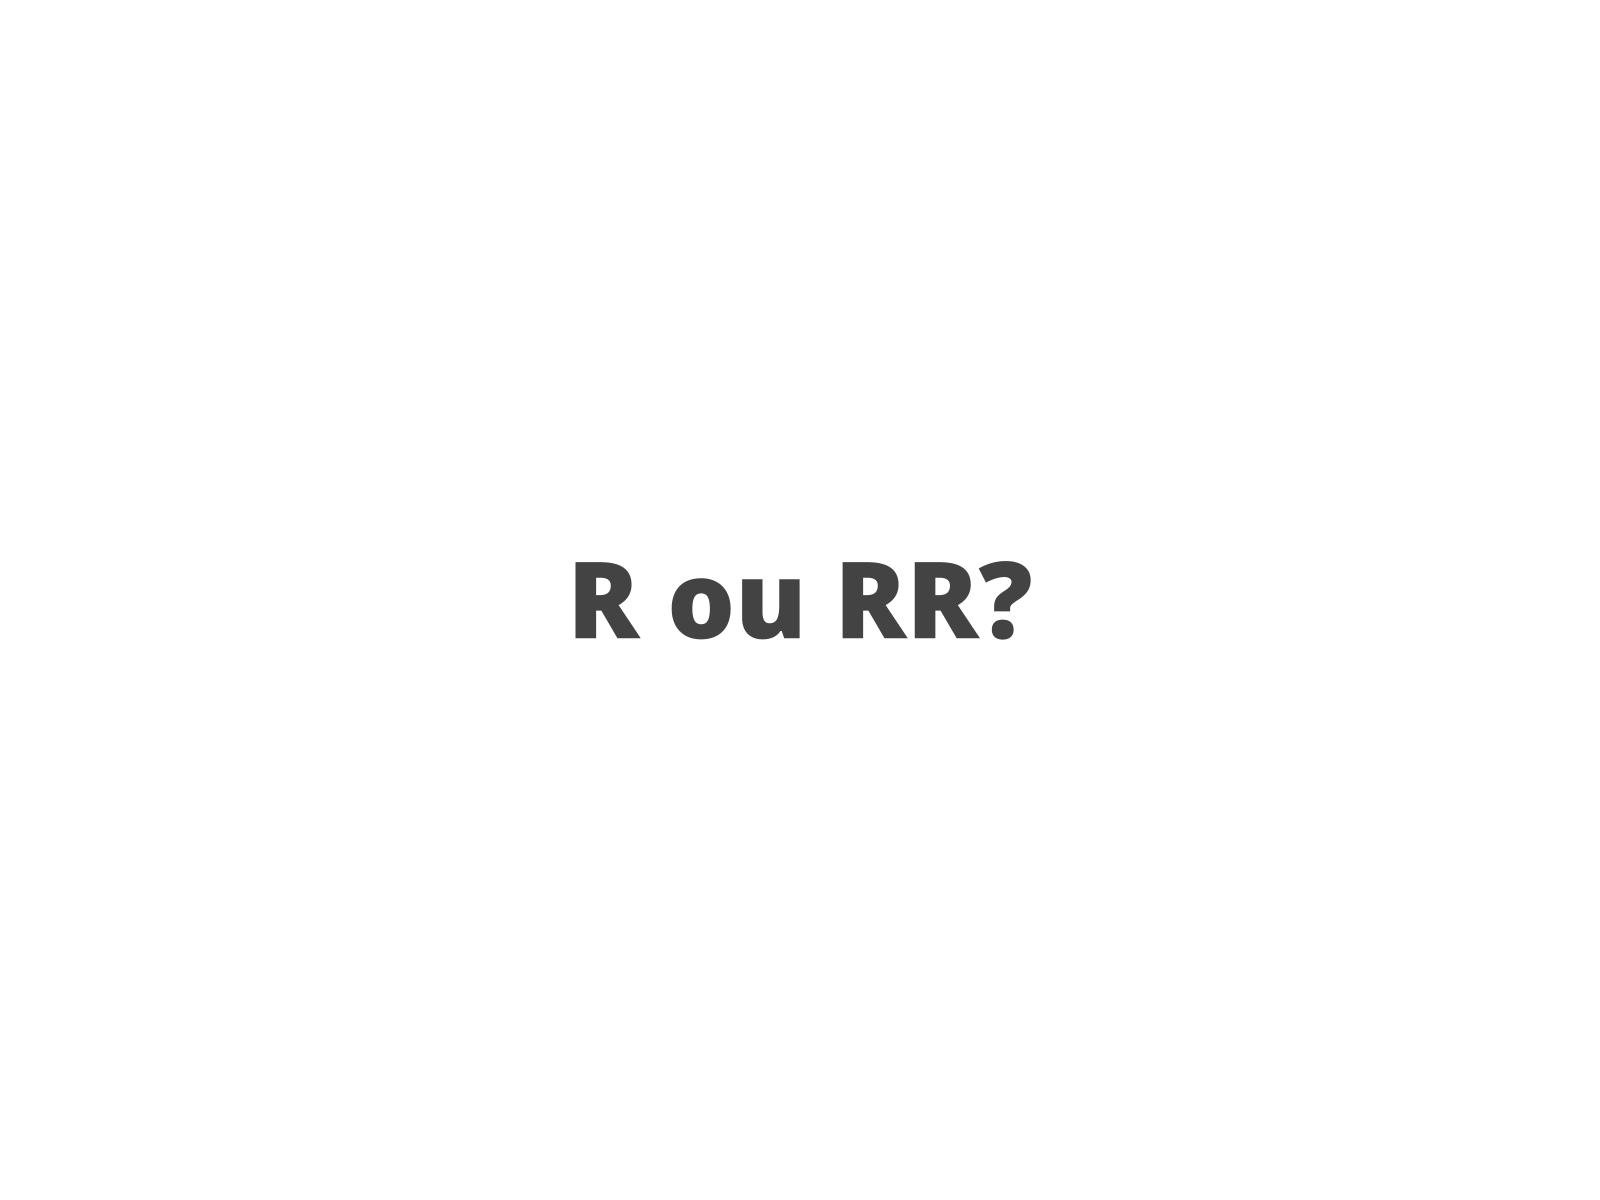 R ou RR?